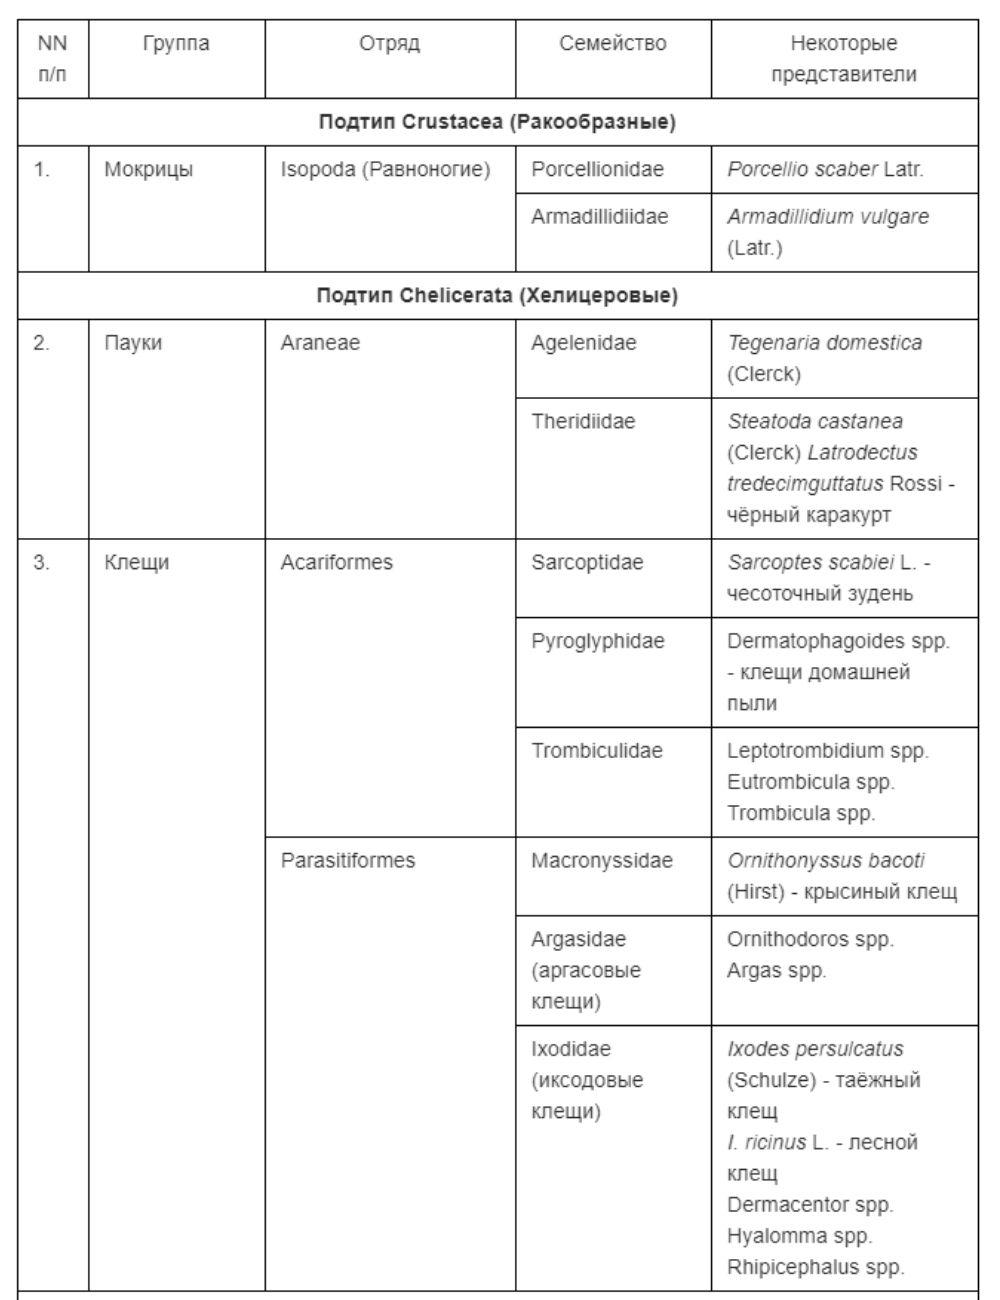 Членистоногие, имеющие эпидемиологическое и санитарно-гигиеническое значение лист1